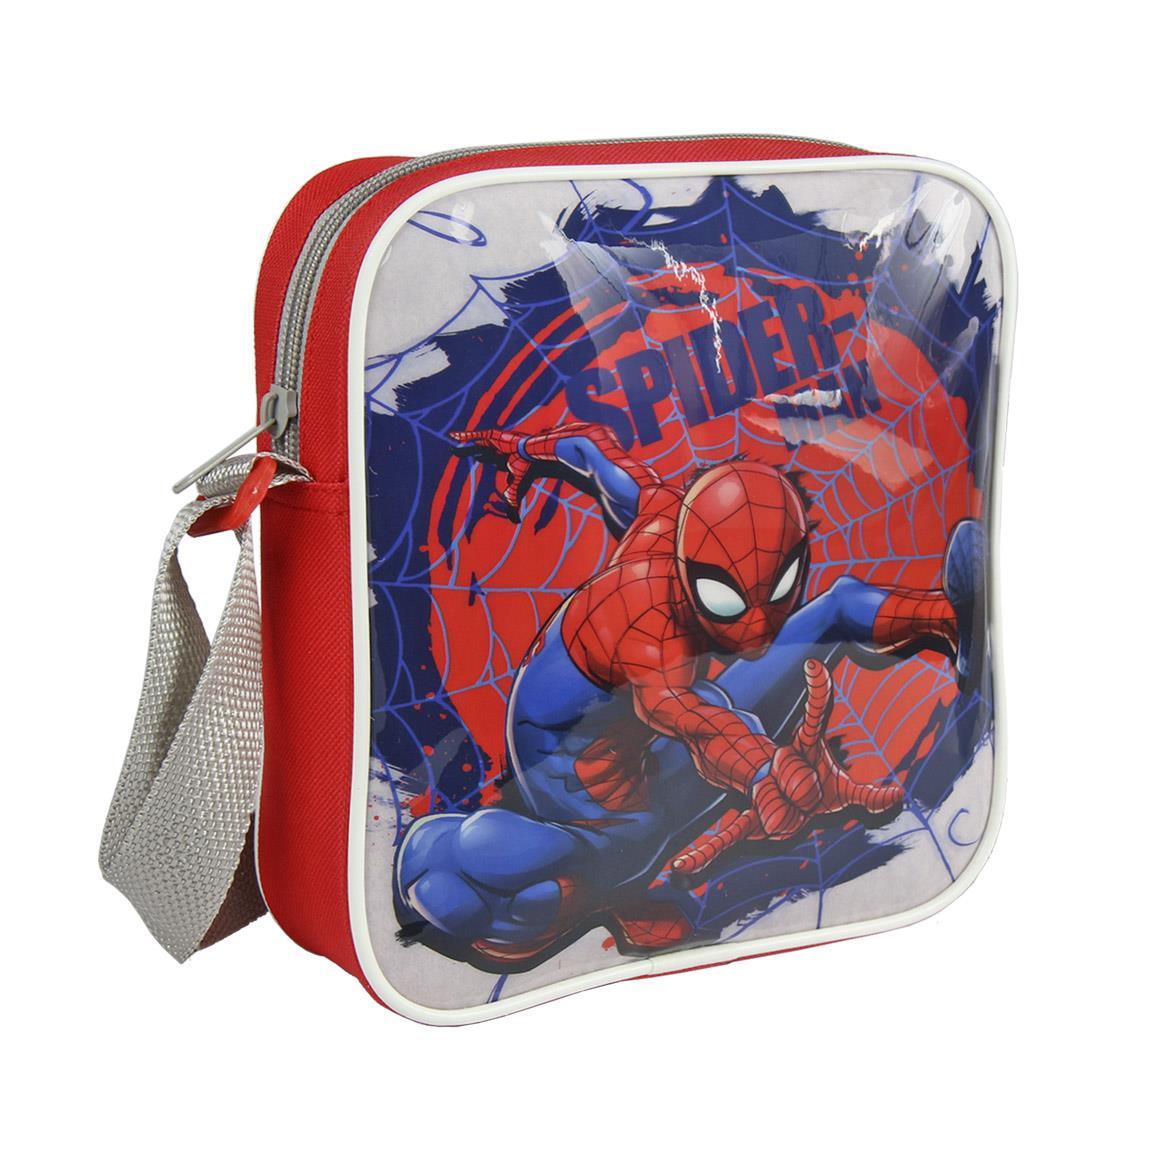 Bolso bandolera Spiderman - multicolor